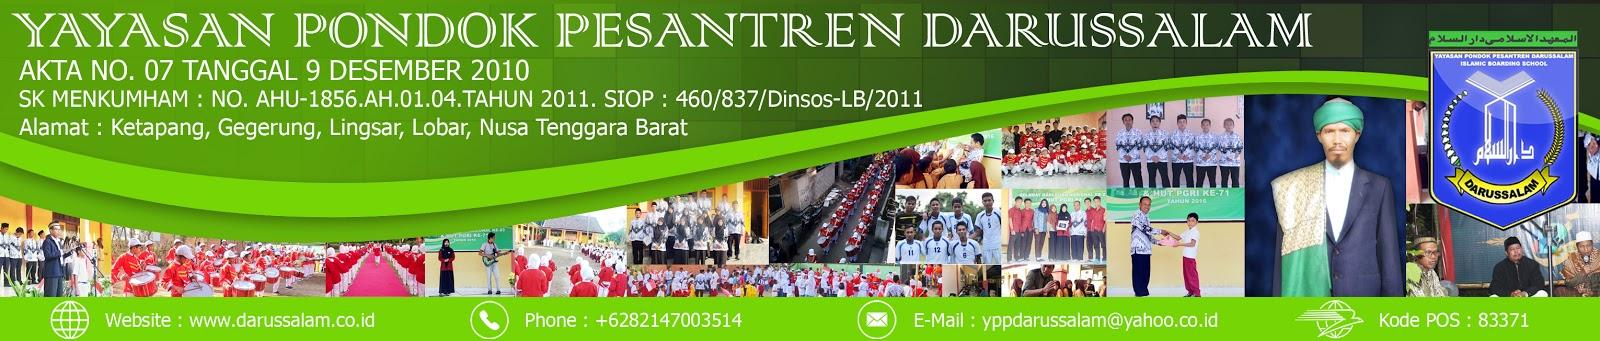 Yayasan Pondok Pesantren Darussalam | www.darussalam.co.id